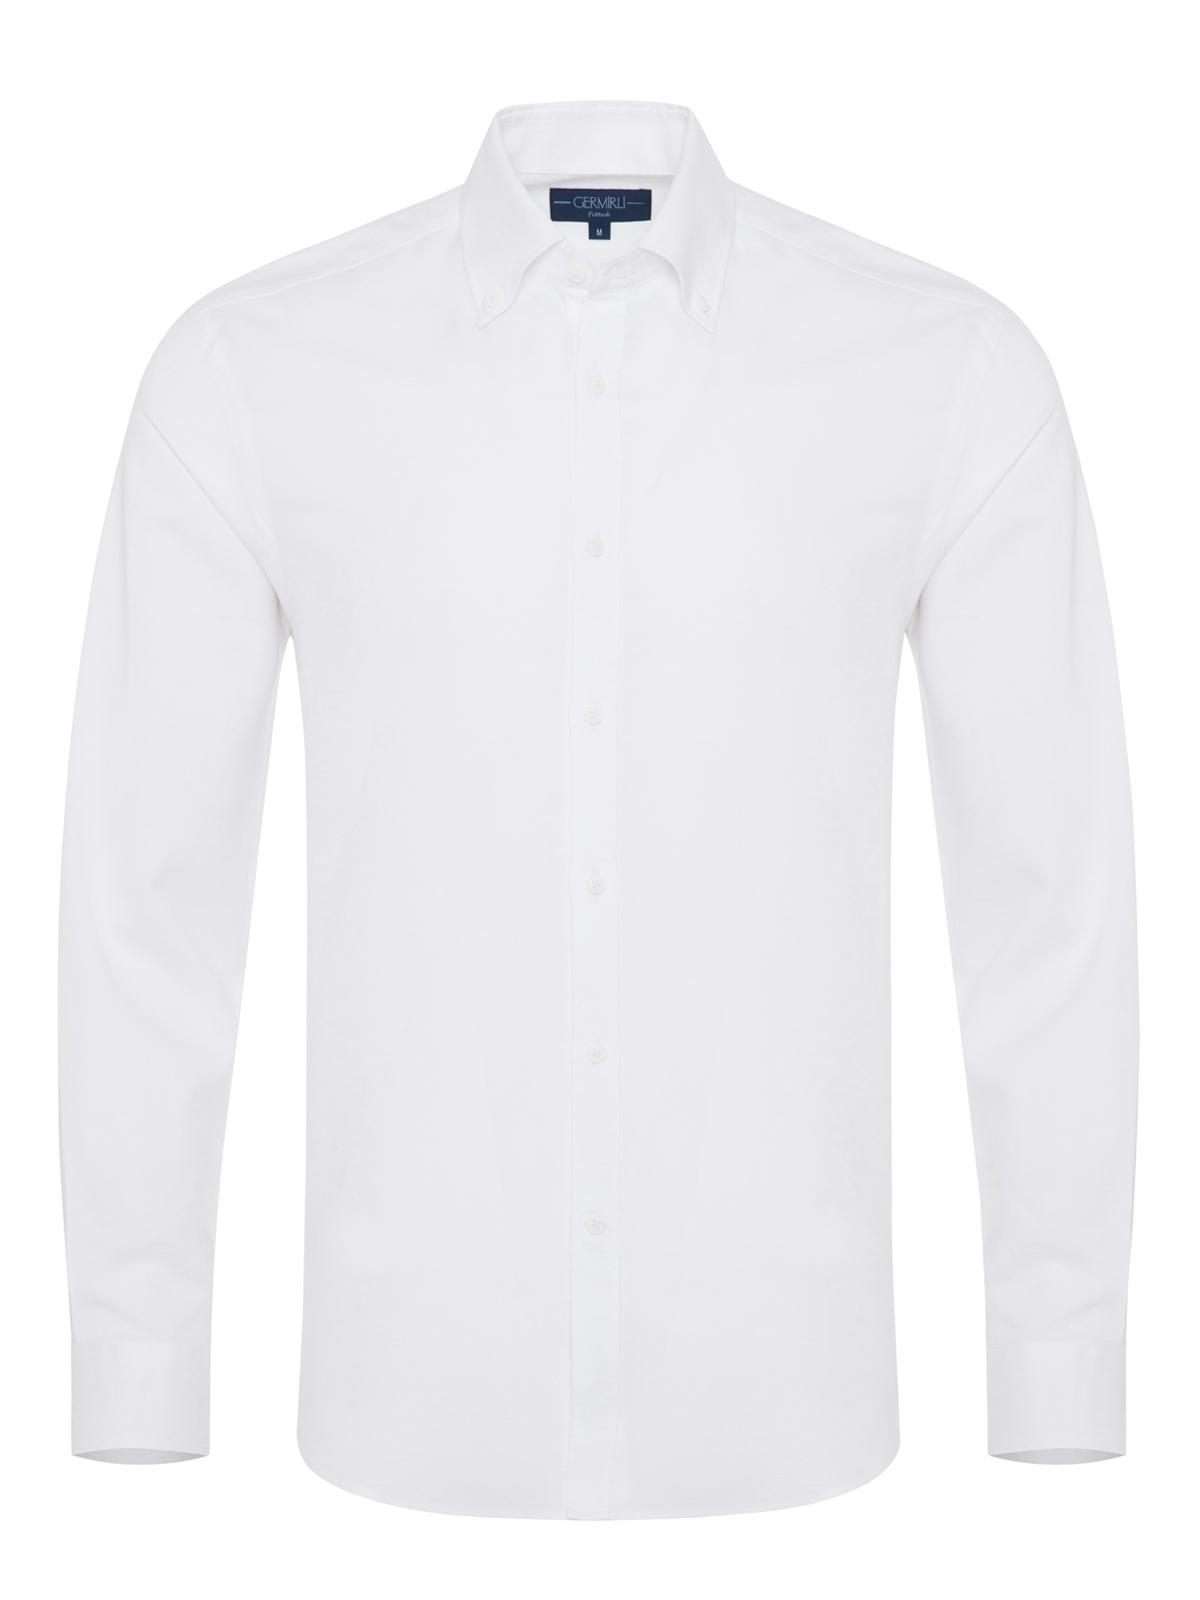 Germirli - Germirli Beyaz Pamuk Keten Düğmeli Yaka Tailor Fit Gömlek